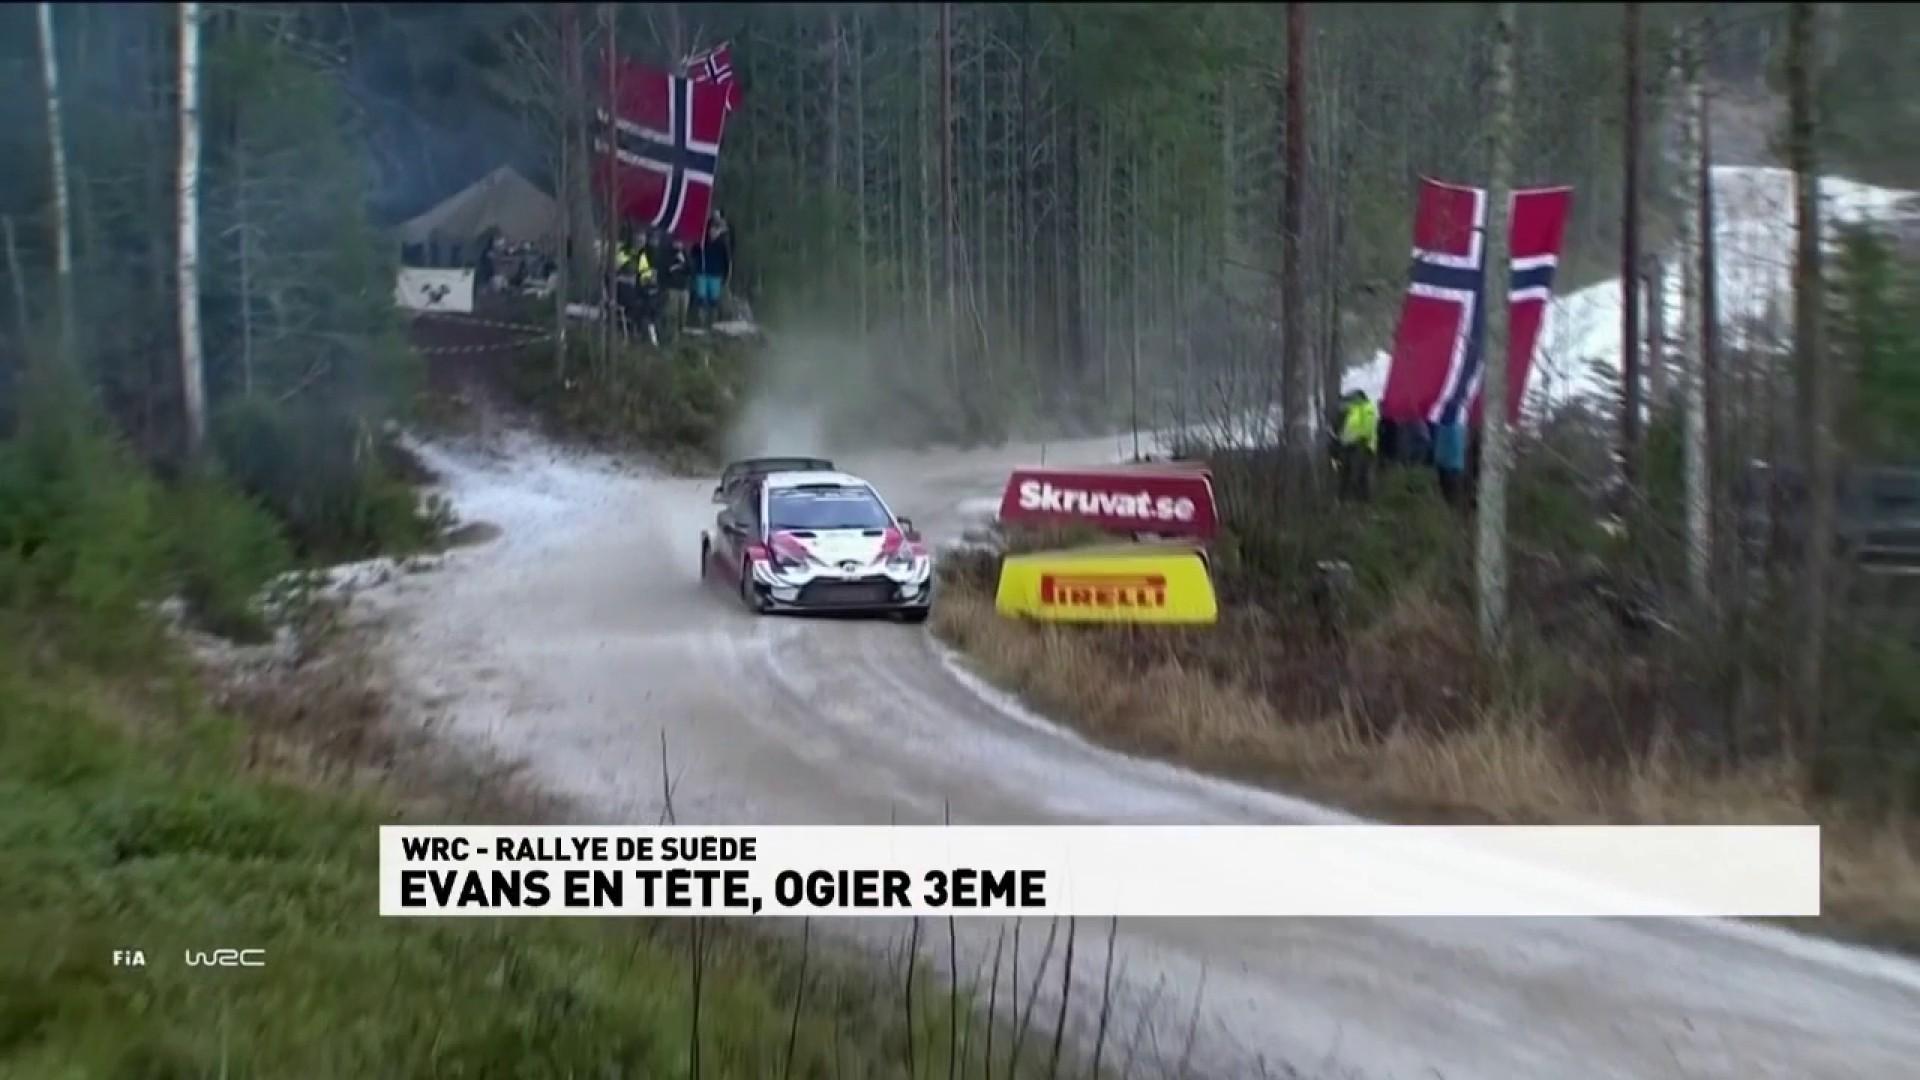 Rallye de Suède - Evans en tête, Ogier 3ème